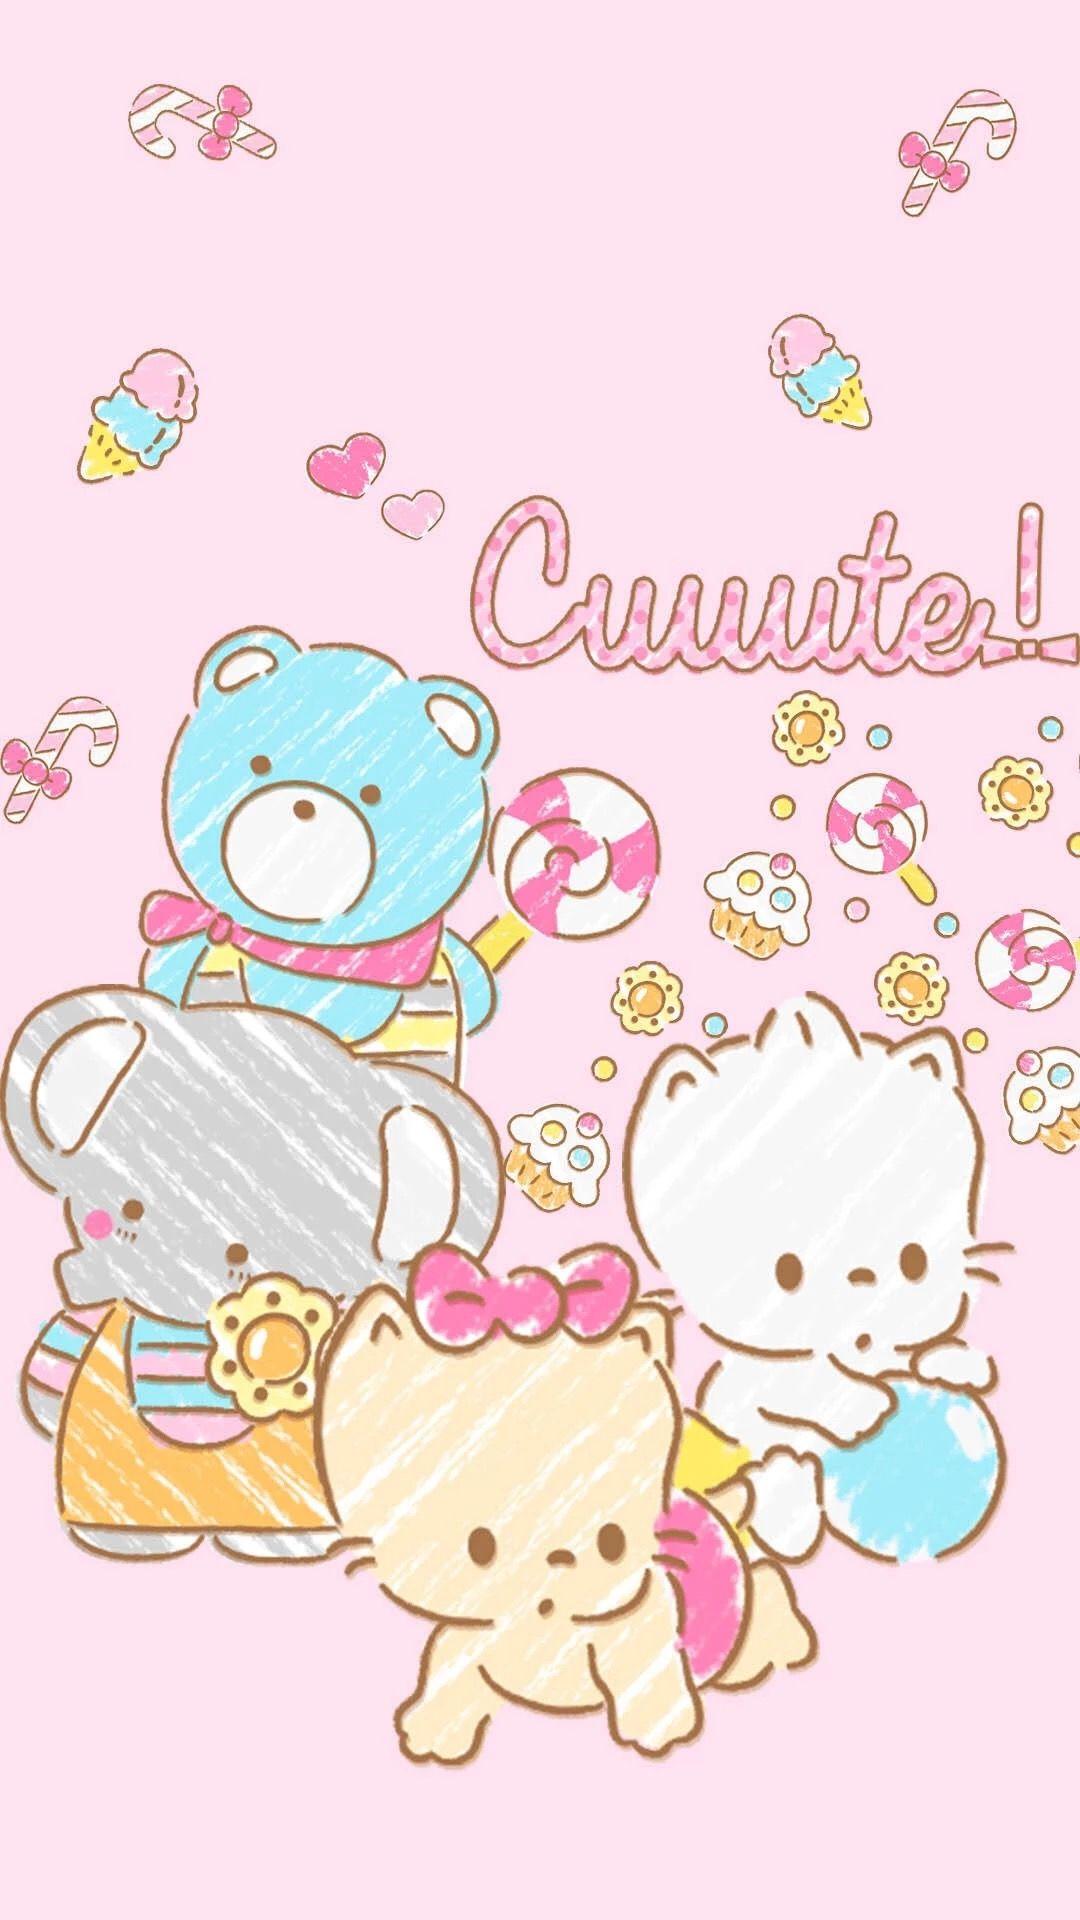 Sanrio Characters サンリオ イラスト 壁紙 かわいい あいふぉん 壁紙